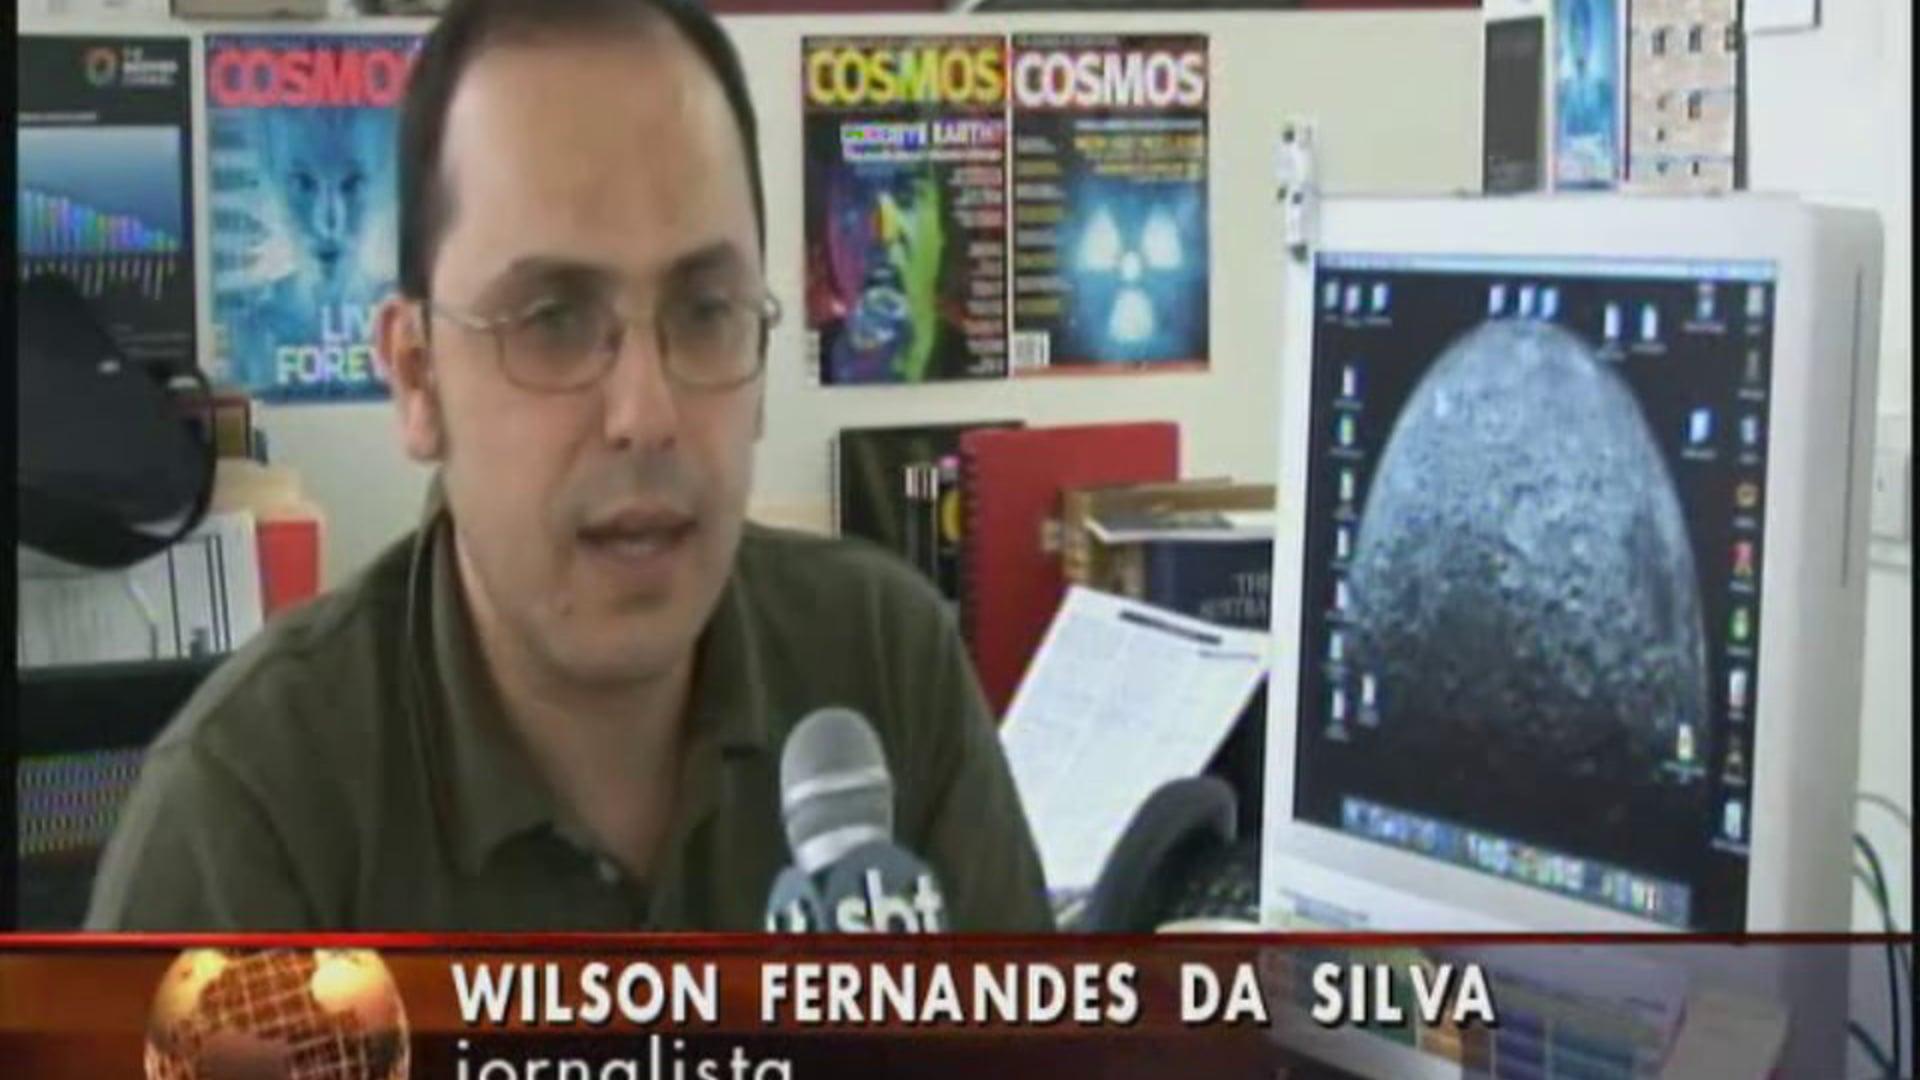 Turismo Espacial: Sonho Torna Realidade | SBT News